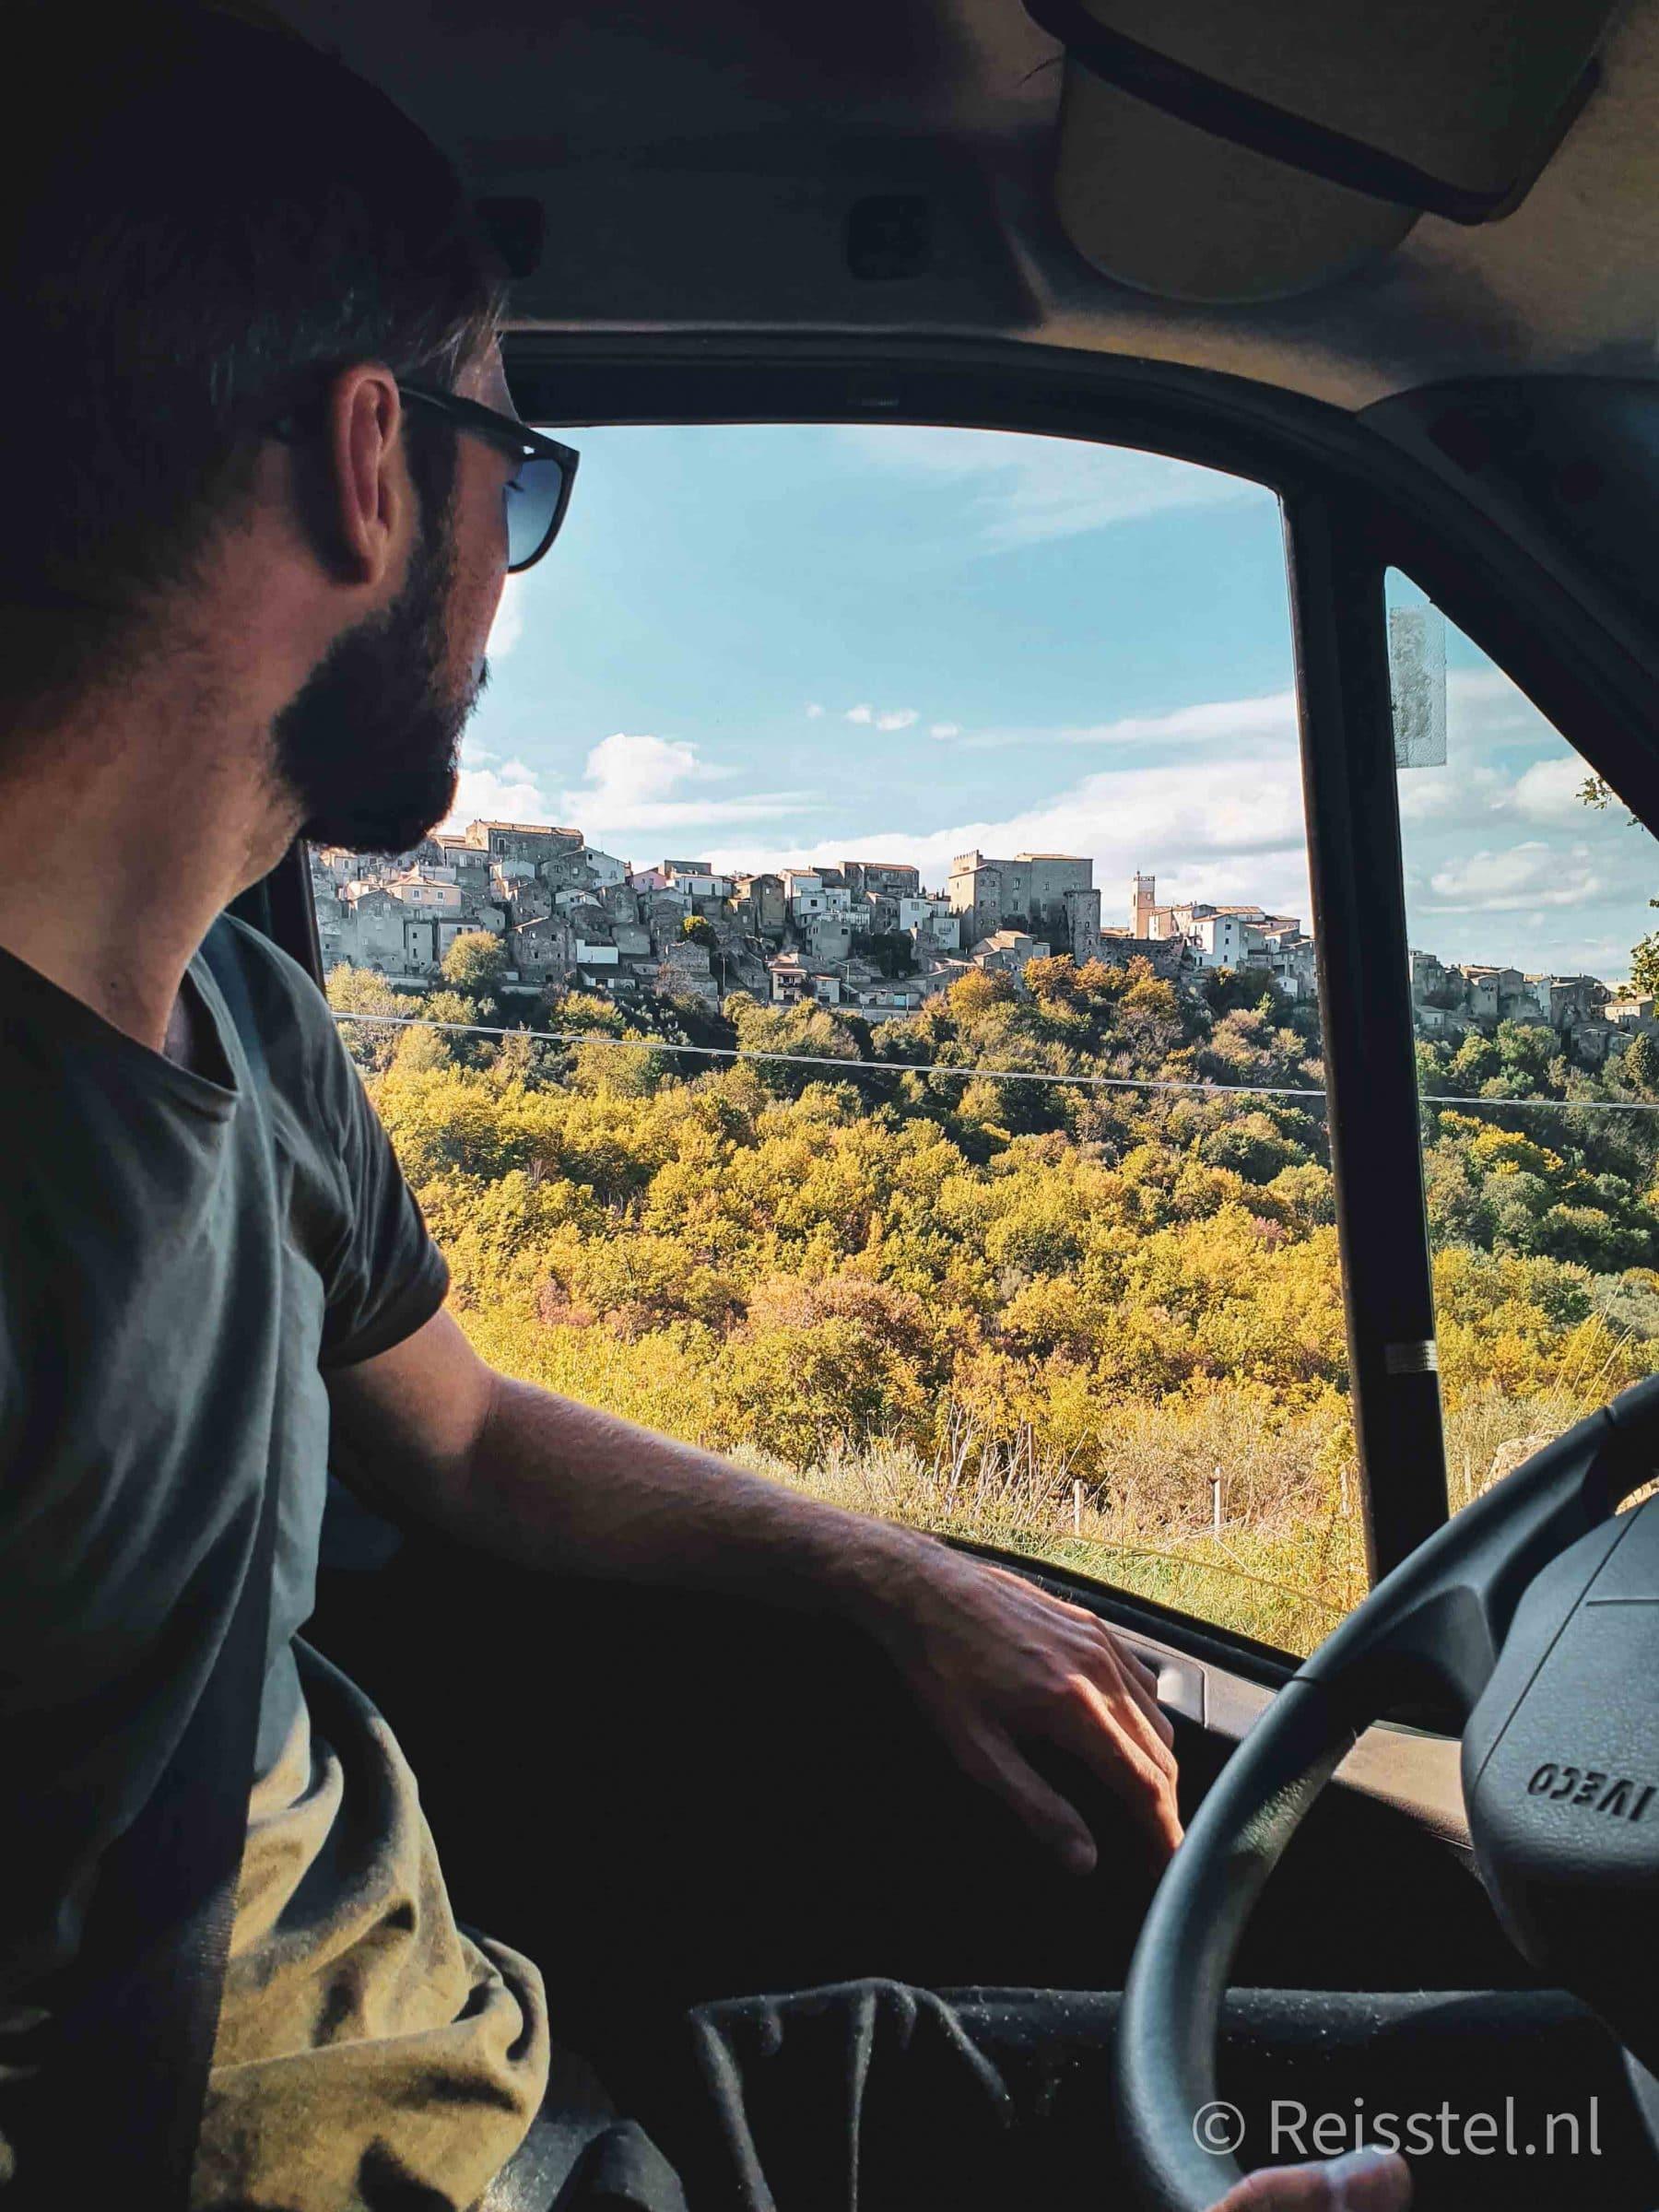 Reisstel.nl | Reizen in coronatijd | Erik onderweg naar Zuid Italië